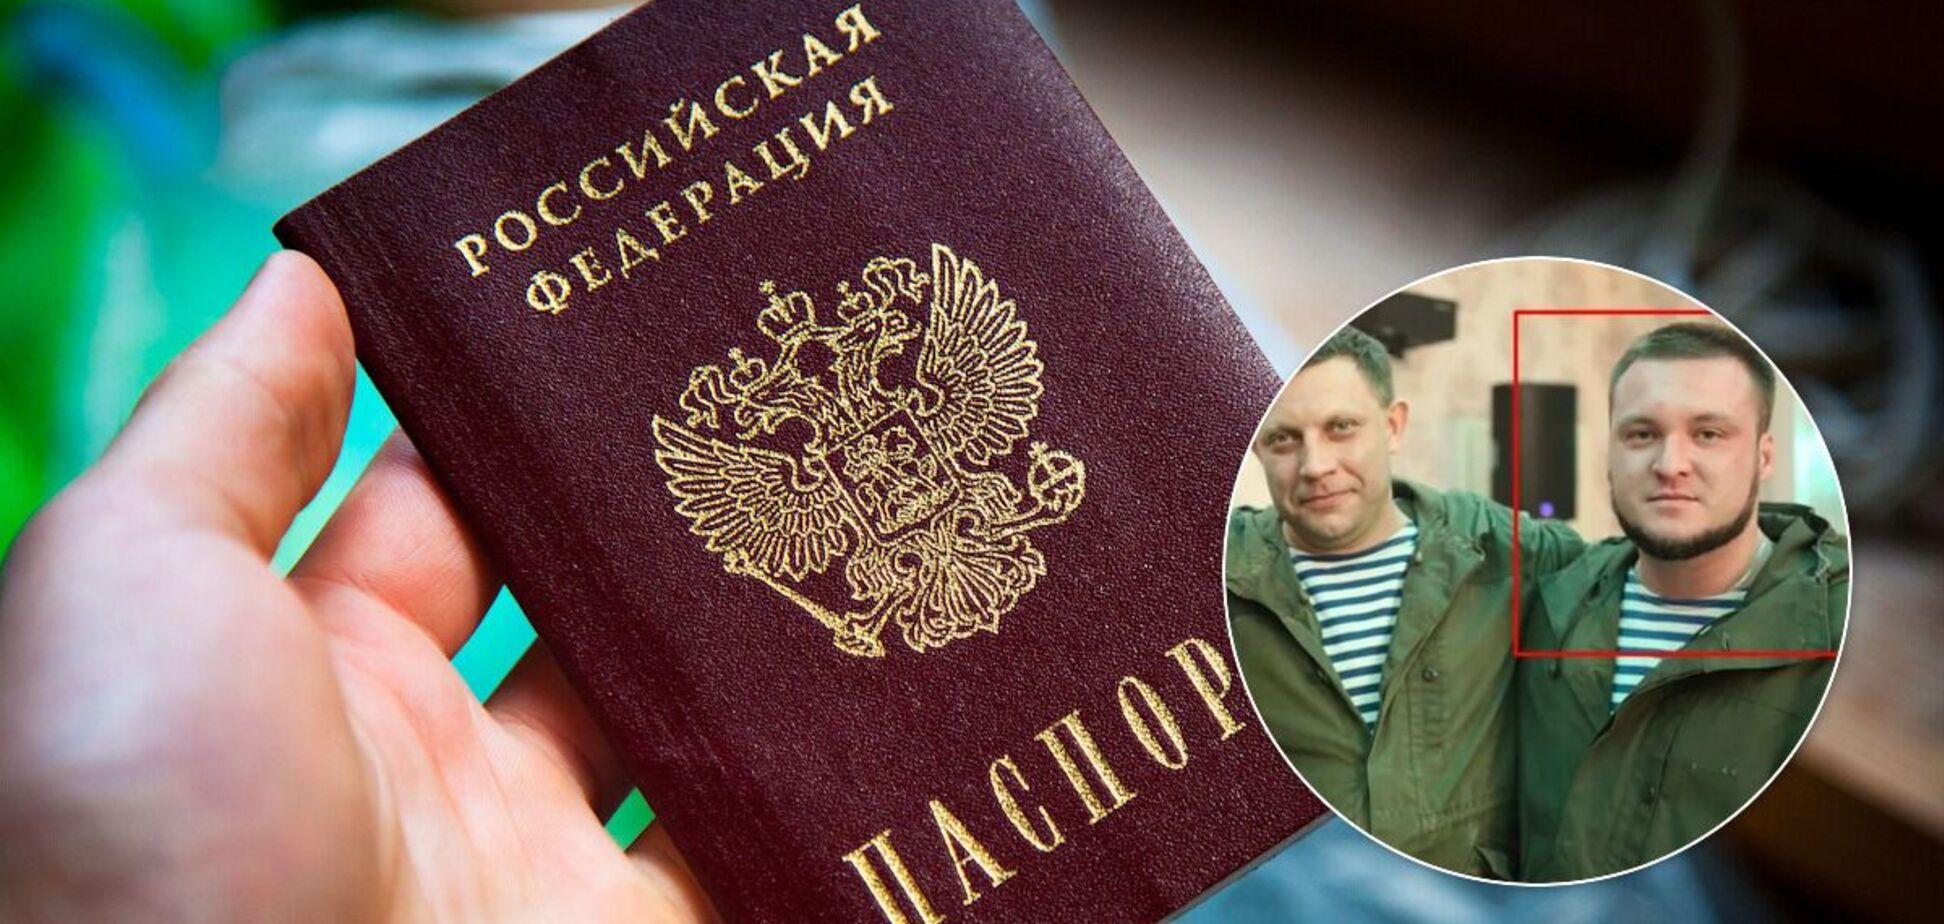 Террорист Сергей Завдовеев рассказал о причинах отказа в гражданстве РФ